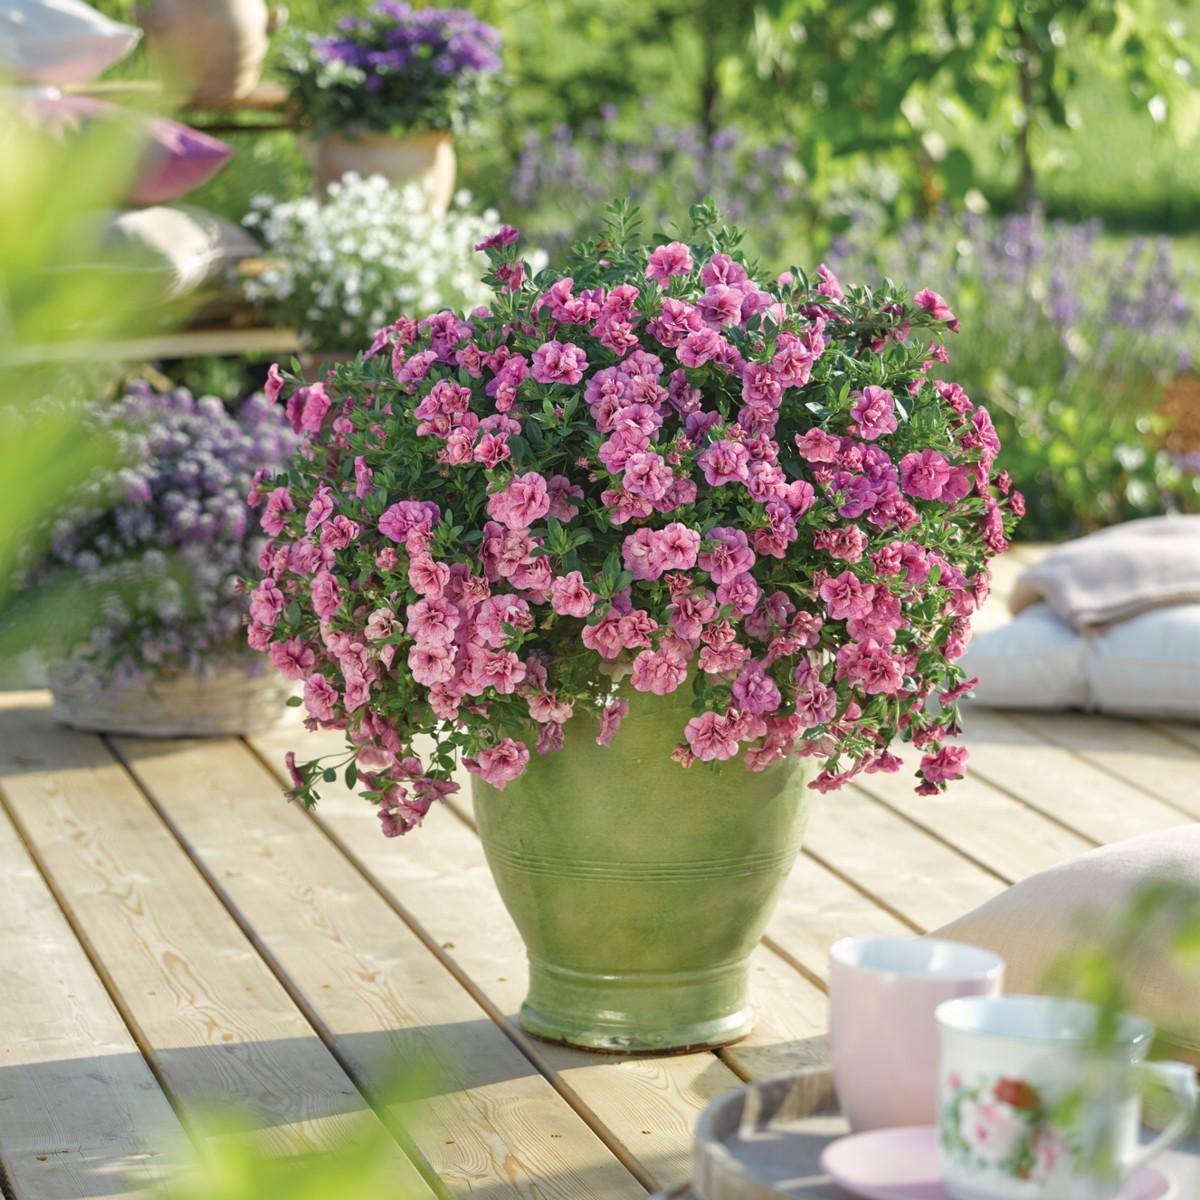 zaubergl ckchen can can rosies pink vein neuheit dauerbl her terrassen pflanze ebay. Black Bedroom Furniture Sets. Home Design Ideas